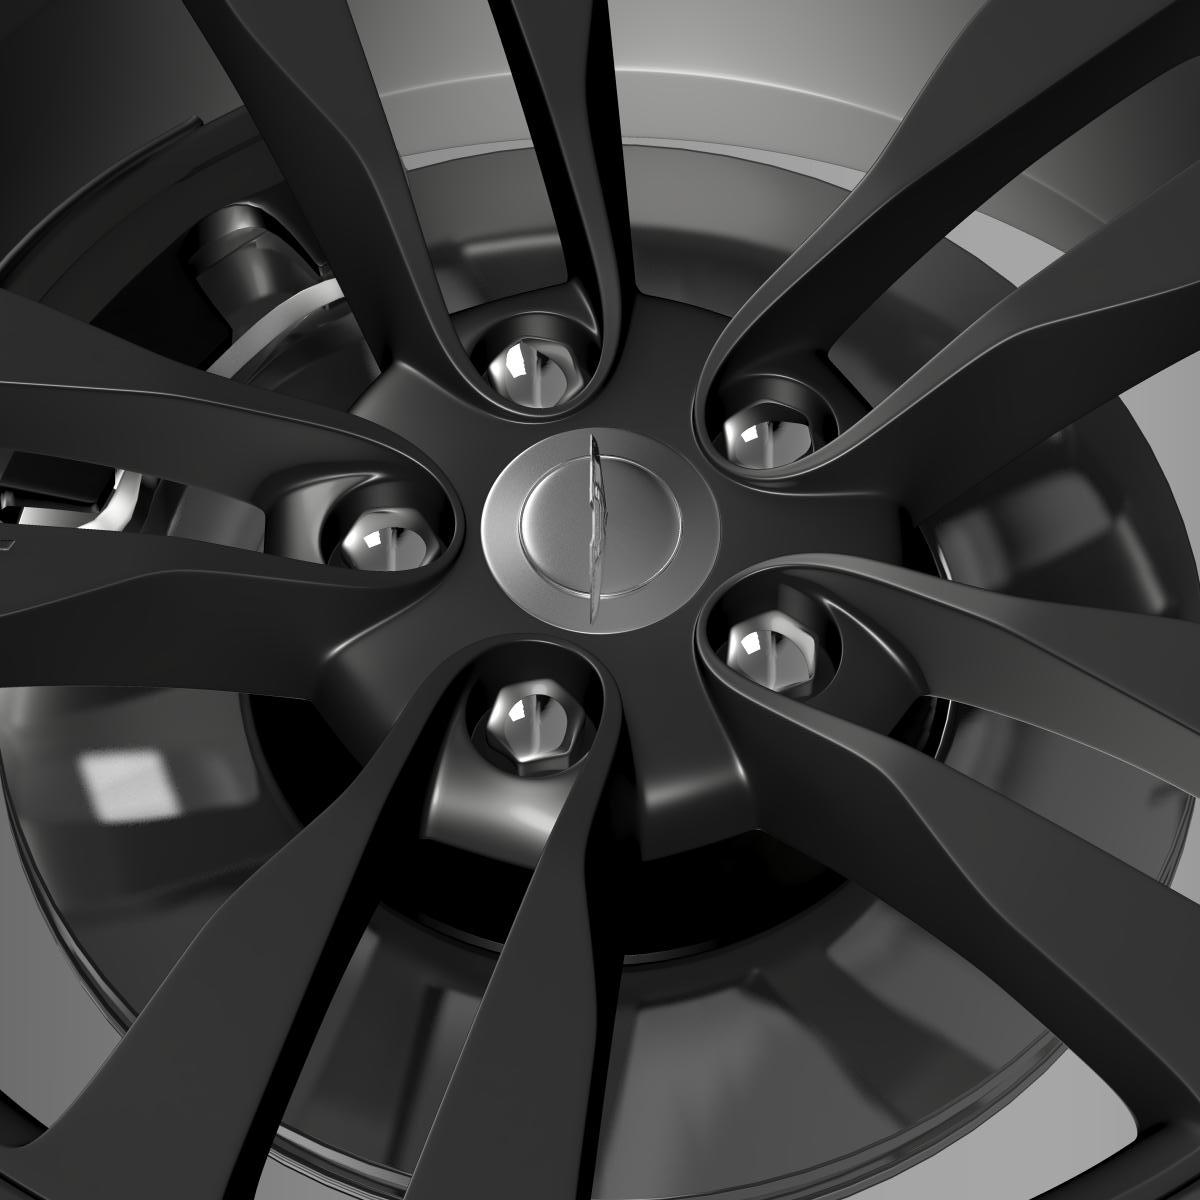 chrysler 300 srt8 satin vapor wheel 3d model 3ds max fbx c4d lwo ma mb hrc xsi obj 210645